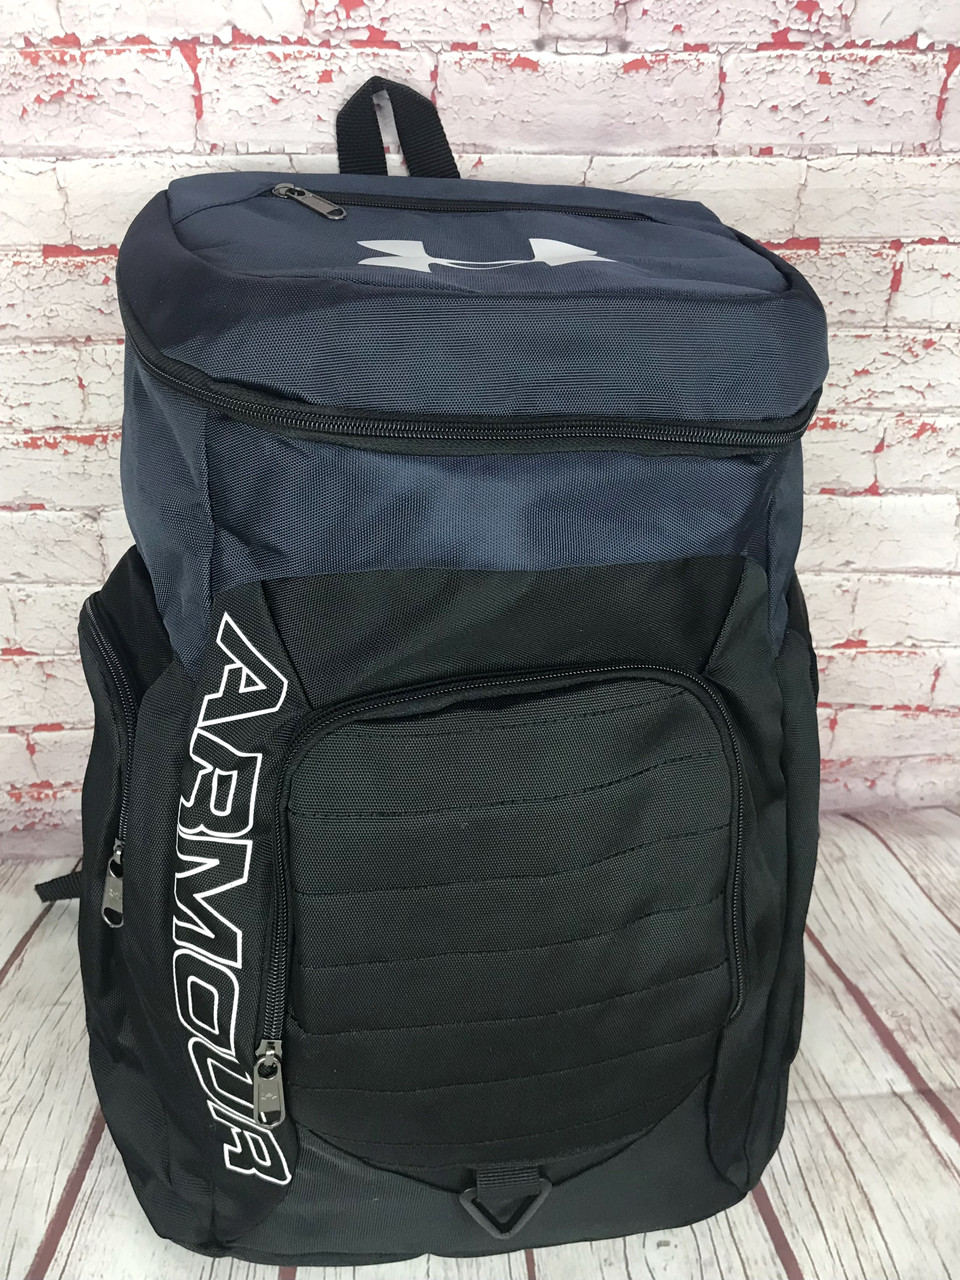 Мужской качественный рюкзак Under Armour. Спортивный рюкзак. Дорожный рюкзак РК20-2